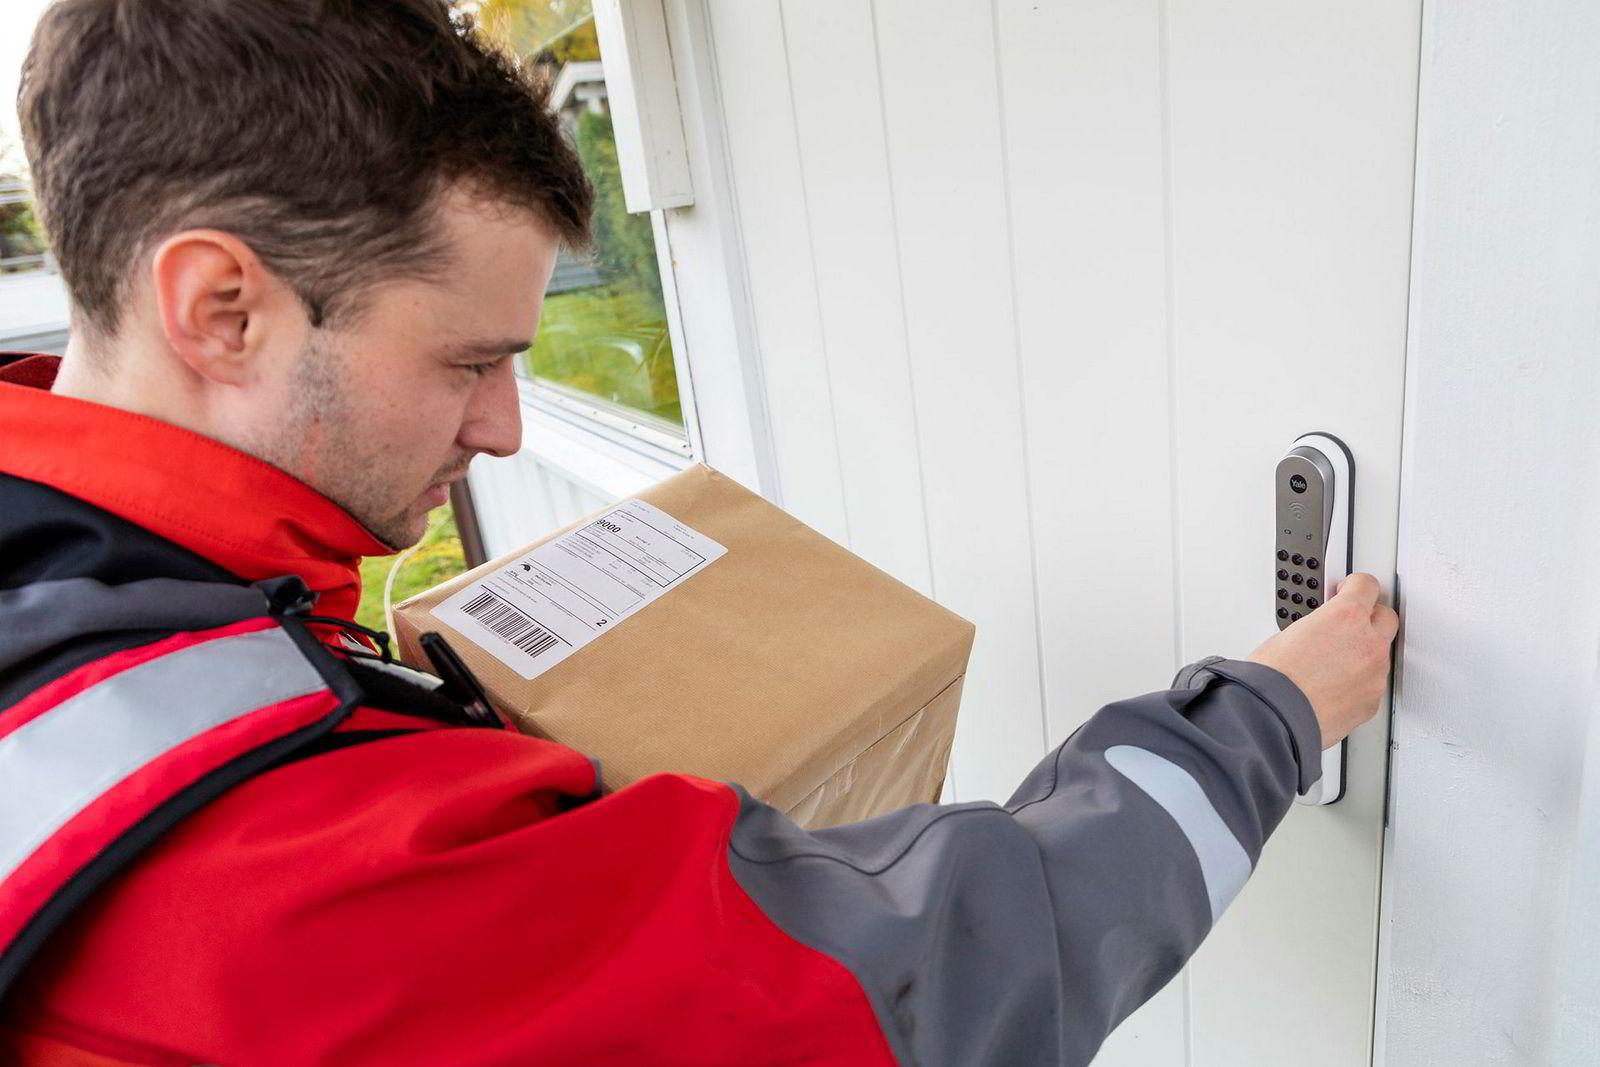 Tilbudet er foreløpig bare tilgjengelig om man har digital dørlås eller nøkkelskap med kode. Her leverer postbud Pål Gunnar Molland en pakke innenfor døren til kunden.